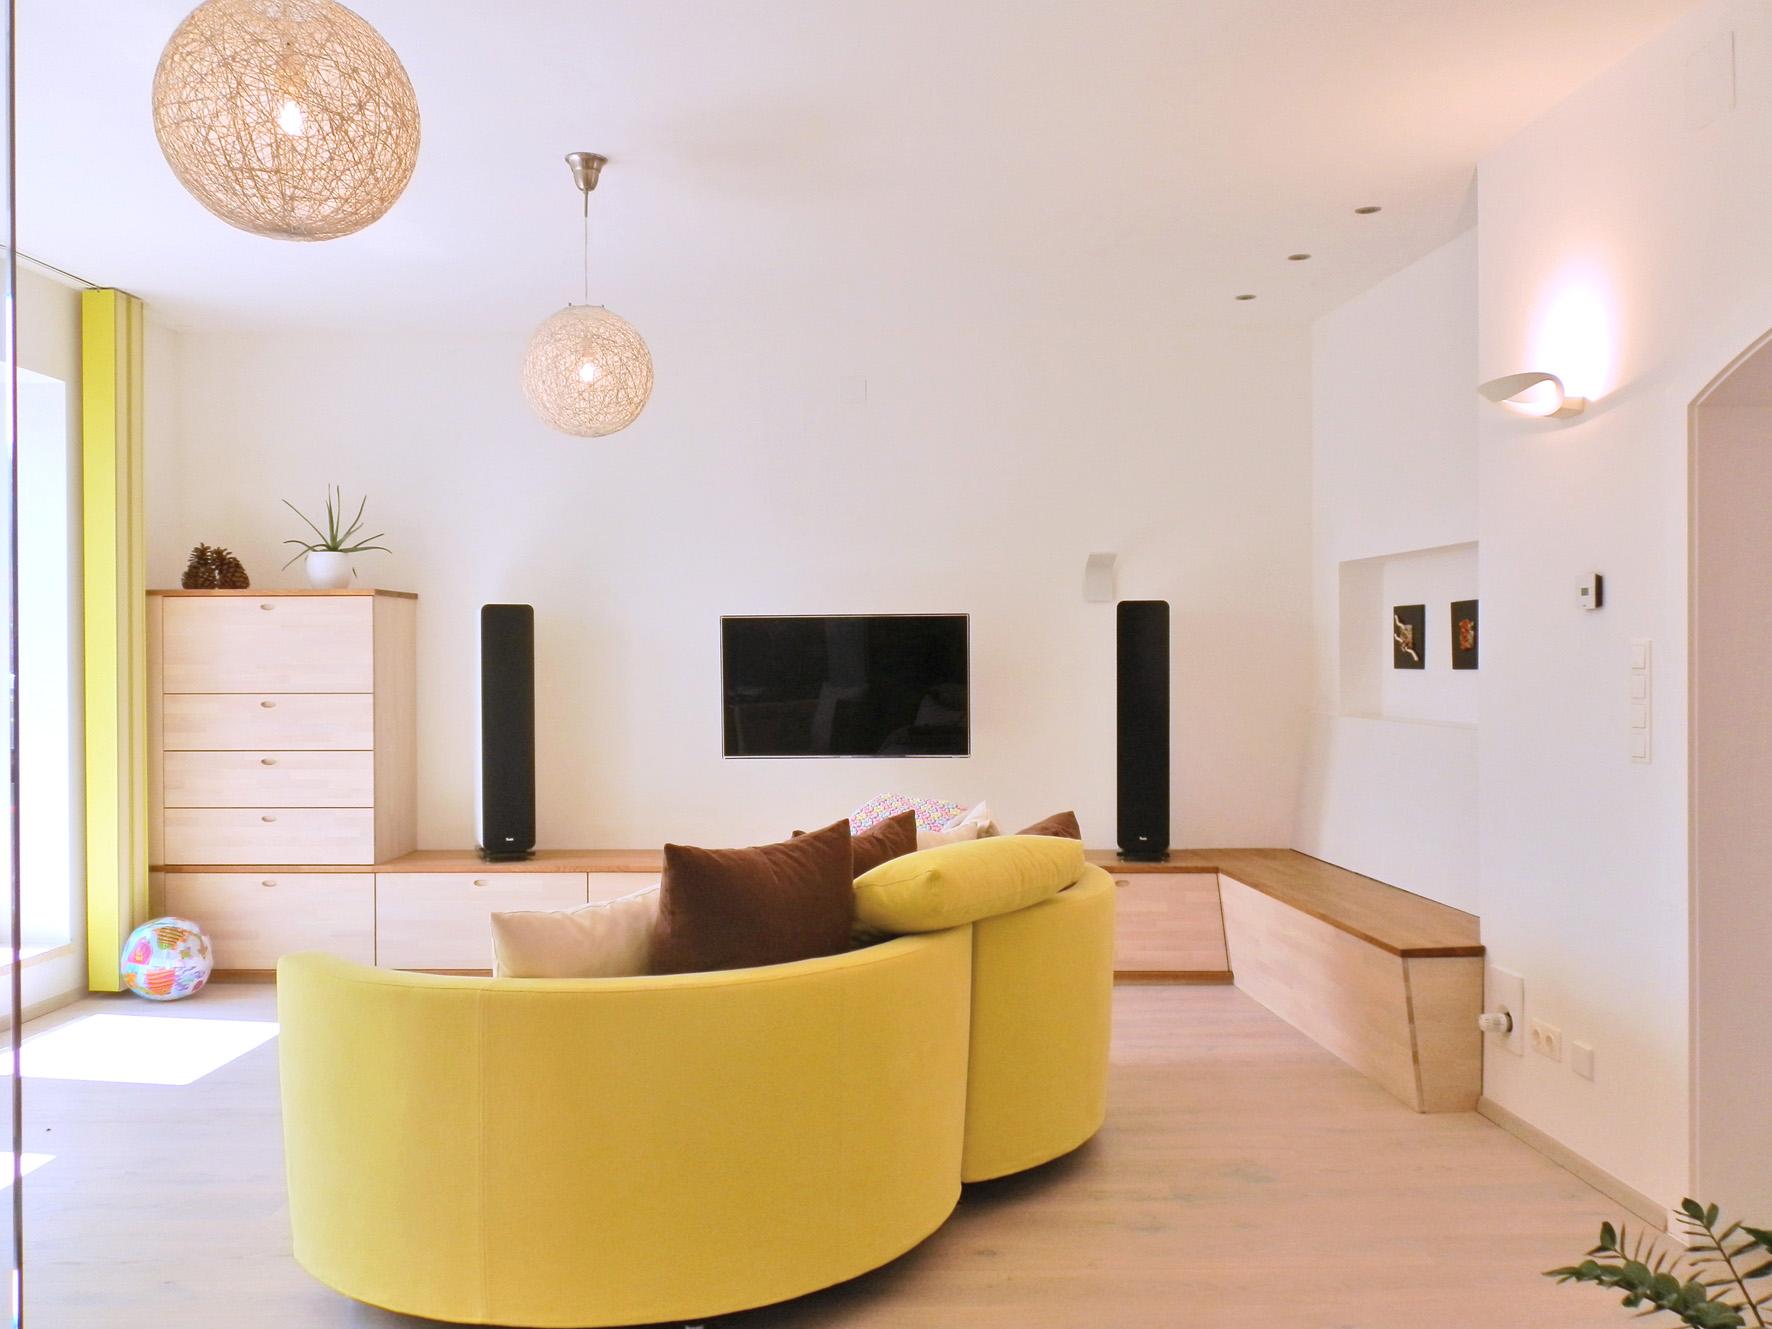 Zusammenlegung von Räumen: Weniger Zimmer - mehr Raum!